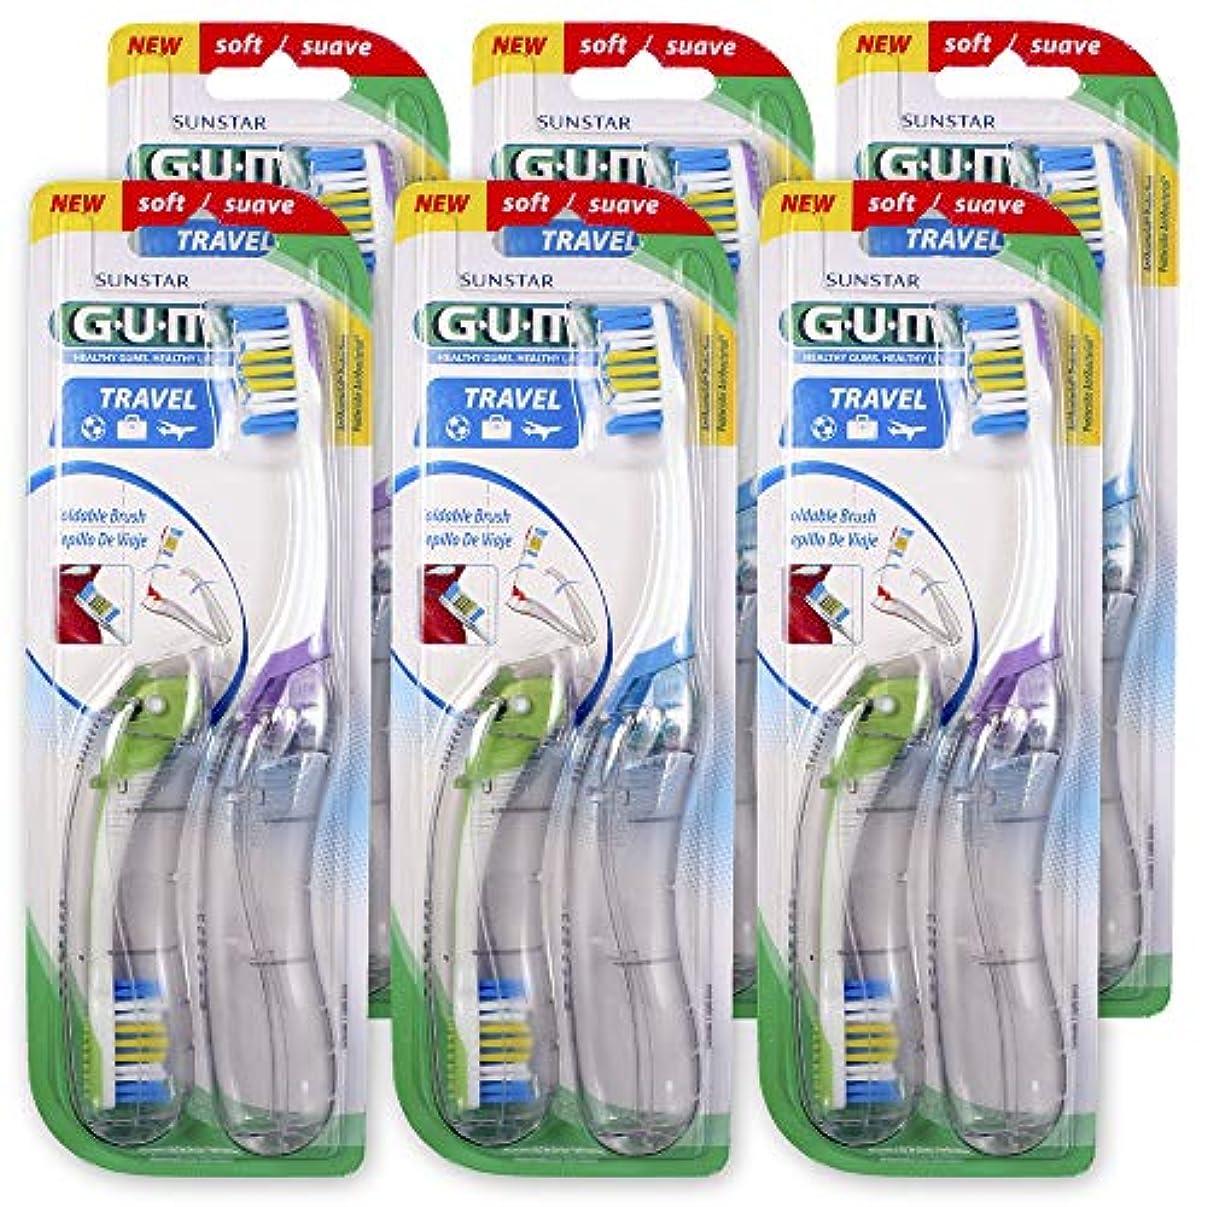 野球ニックネーム風が強いGUM (ガム) 折りたたみ式 トラベル用柔らか歯ブラシ 3つ折りタイプ 舌クリーナー付き ポケット、バッグ、スーツケース、ポーチに簡単に収納できる旅行用携帯サイズ (12本セット)